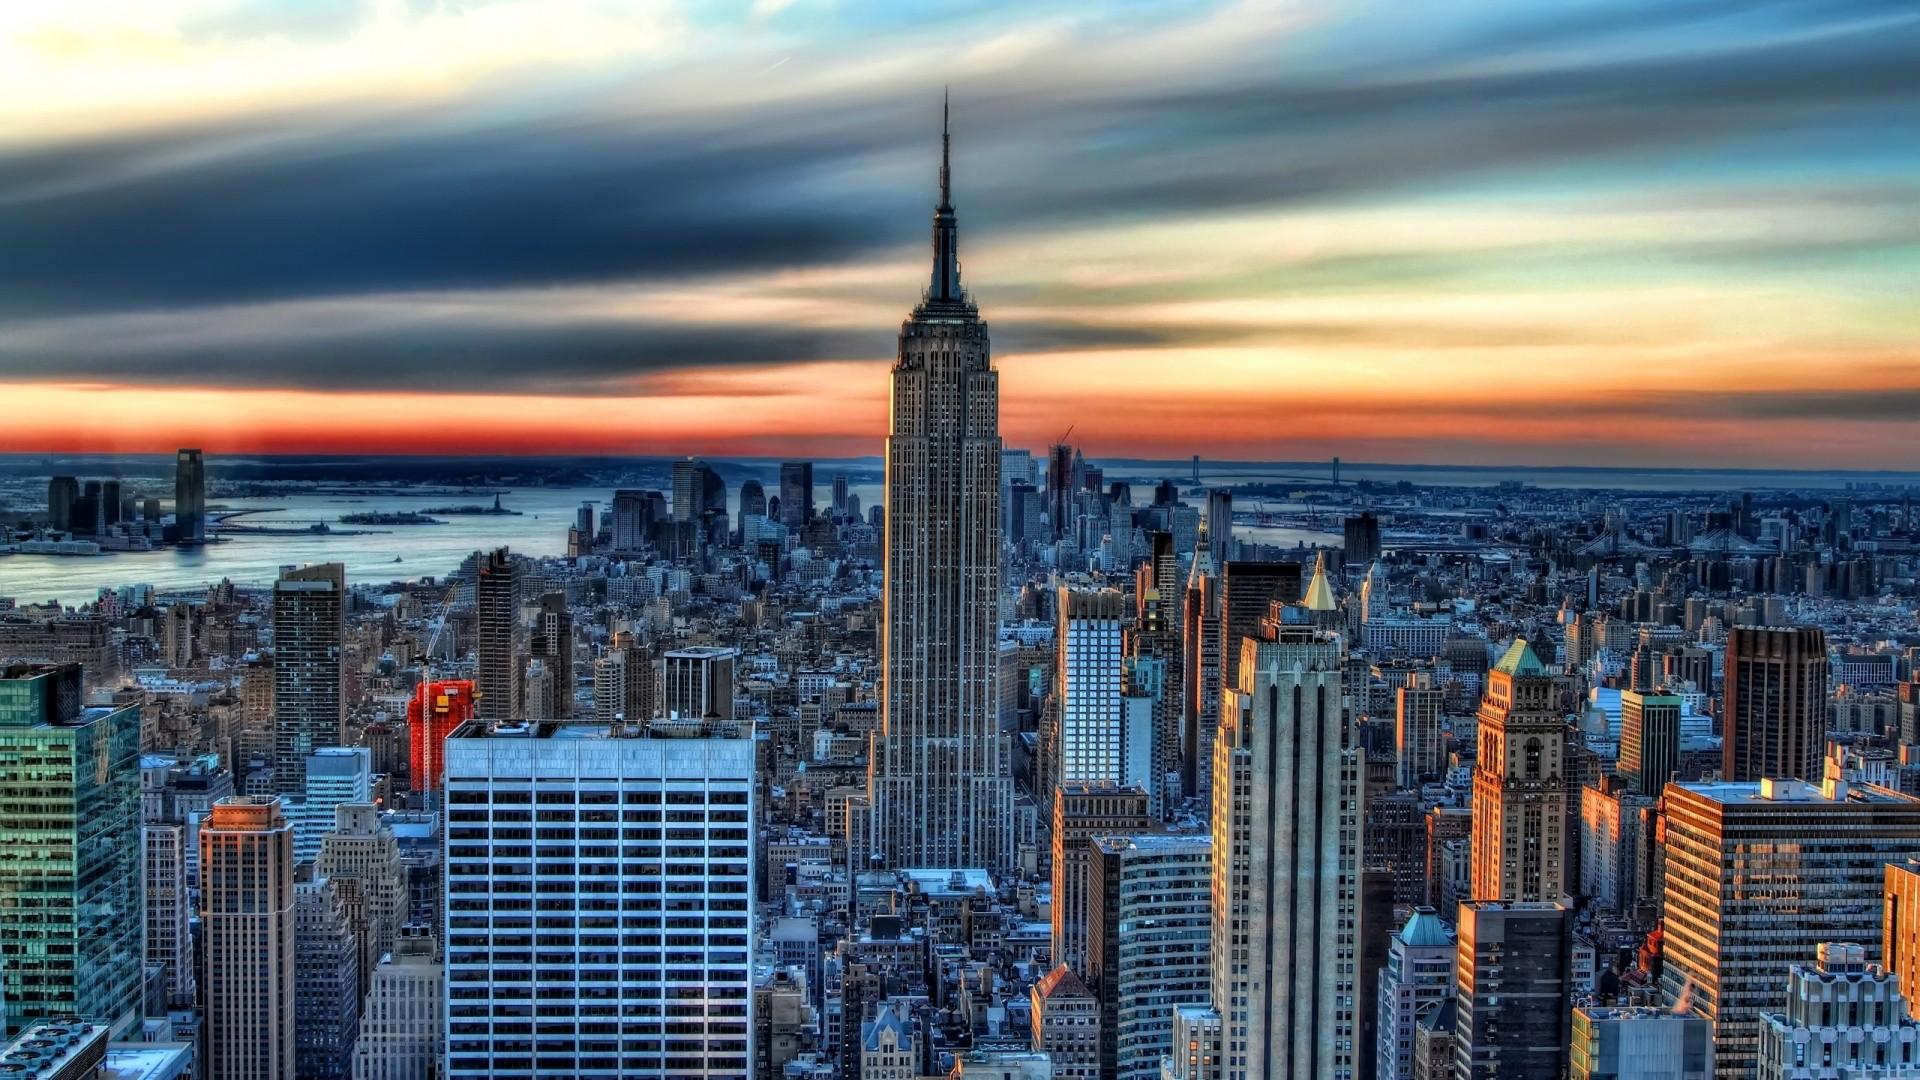 Обои buildings, downtown, skyscrapers, Sunset, сша, new york city. Города foto 11